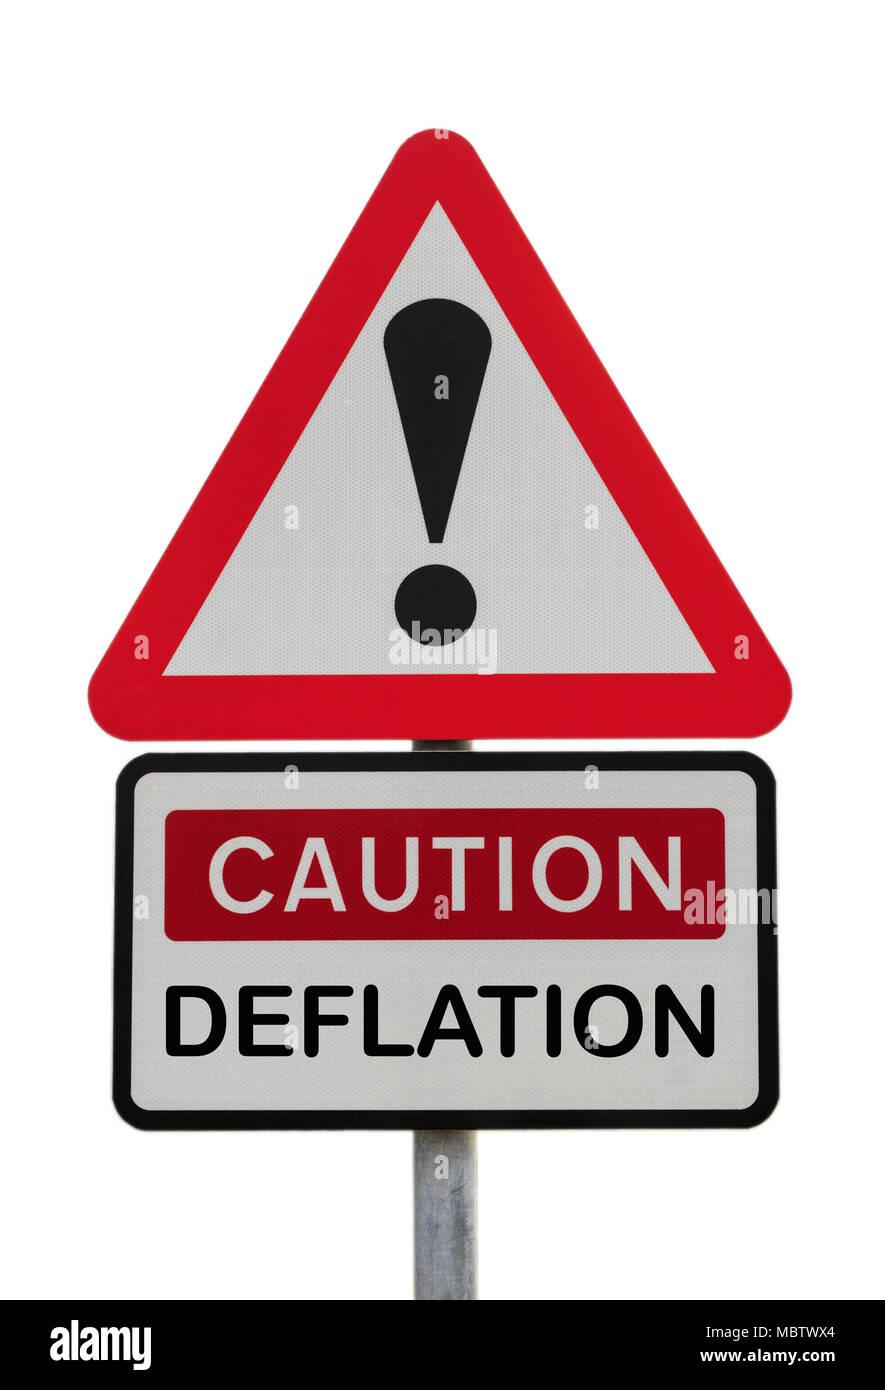 Dreieckige schild Warnung Vorsicht Deflation mit Ausrufezeichen finanzielle Zukunft Konzept zu veranschaulichen. Großbritannien, Großbritannien, Europa Stockbild